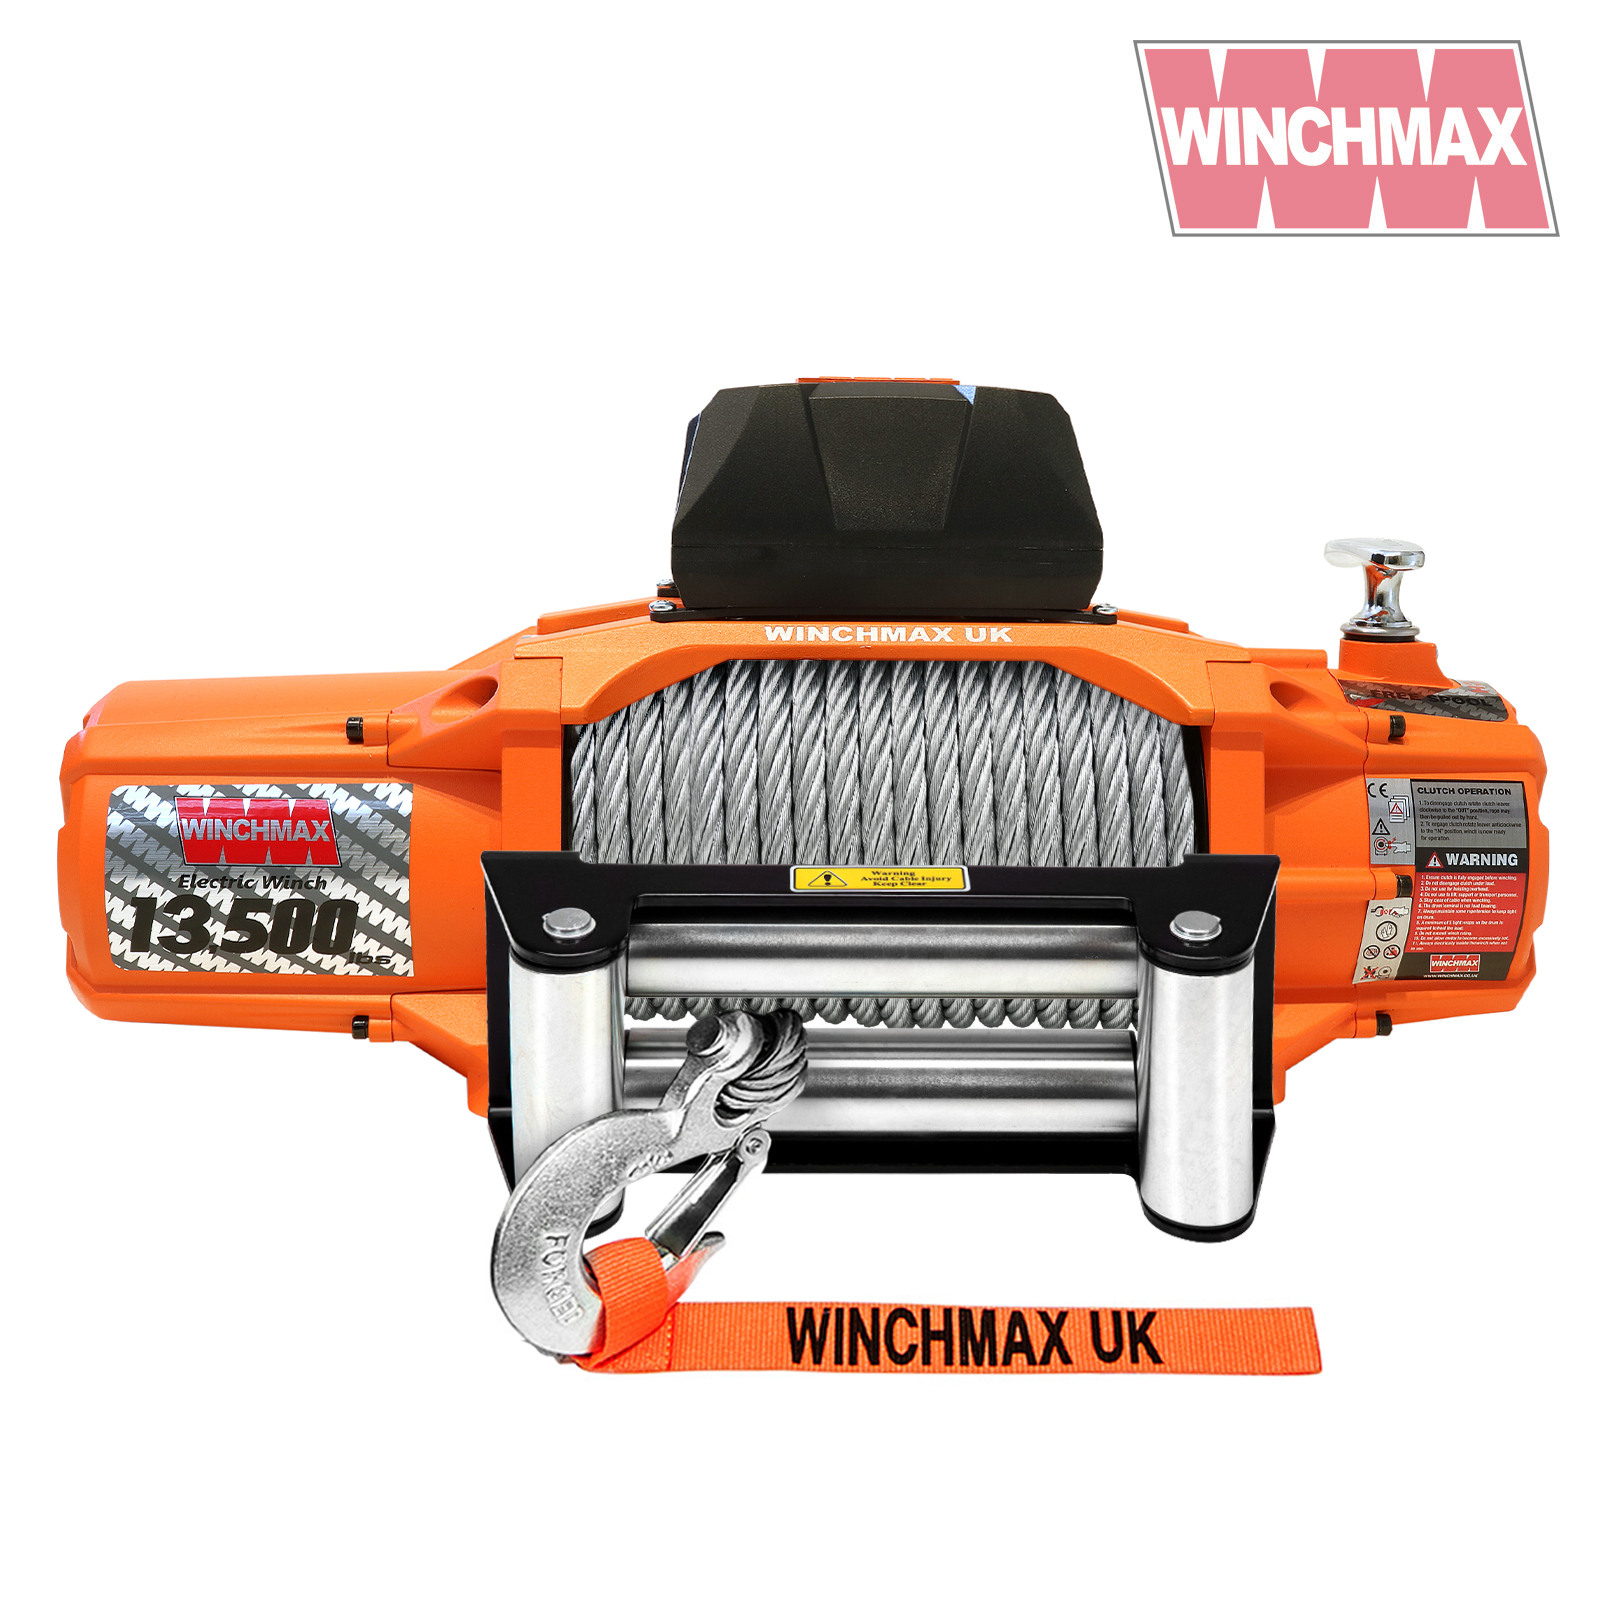 Wmsl1350024v control box 1